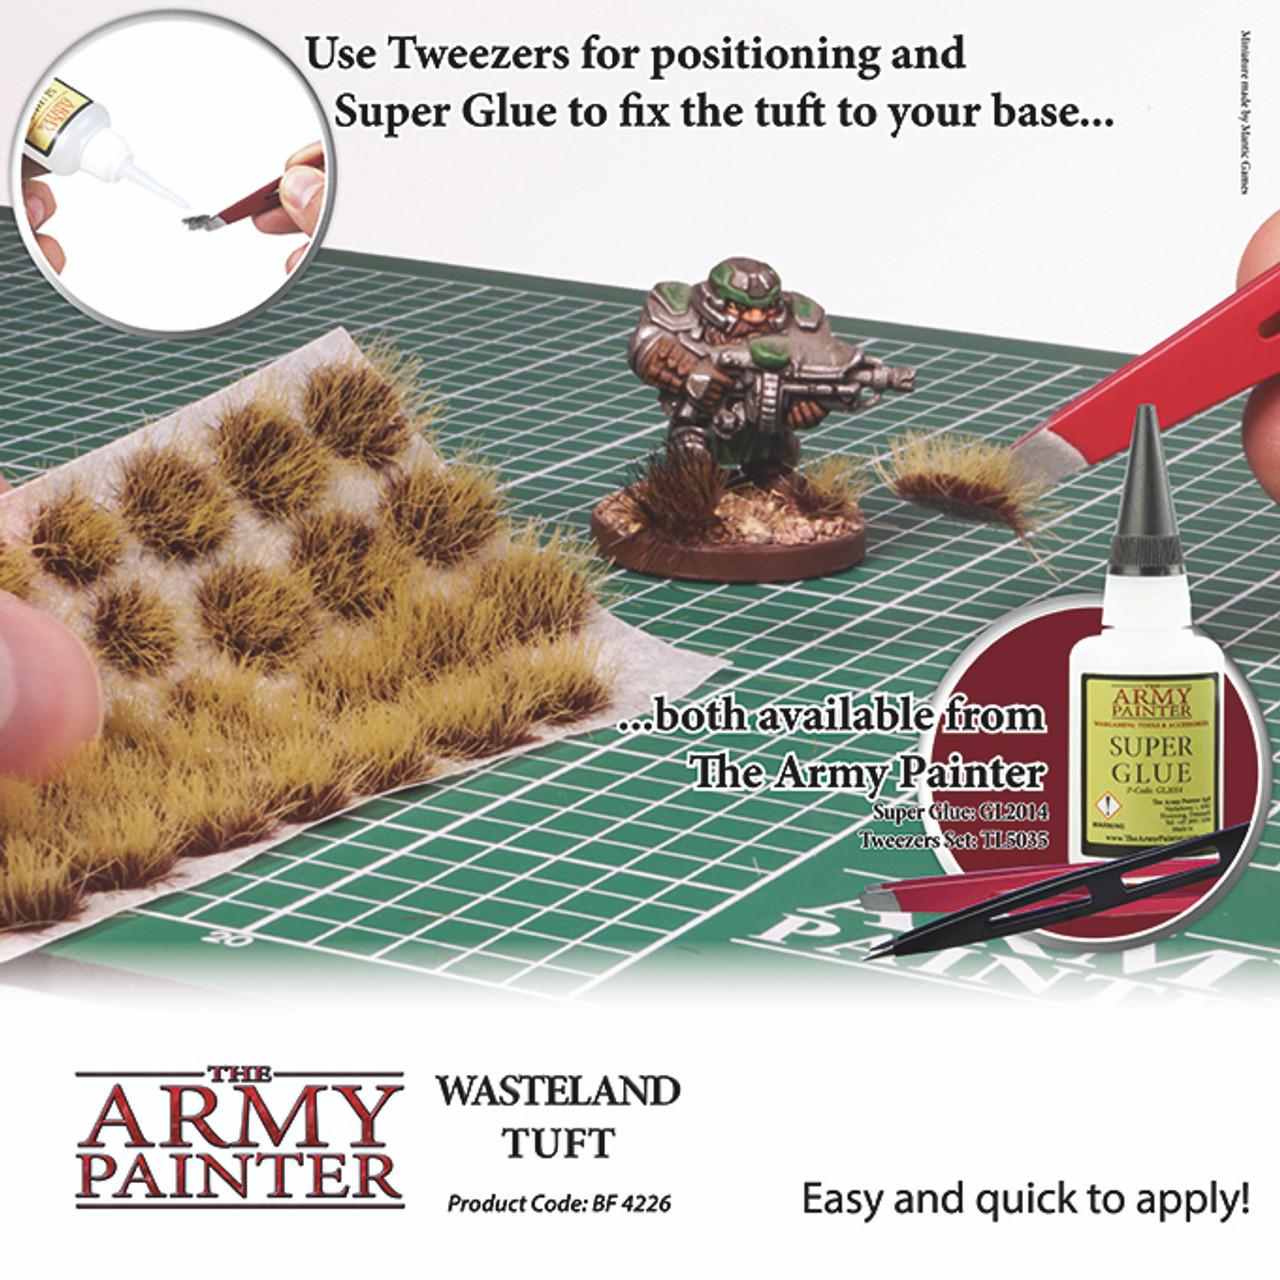 Army Painter Battlefields - Wasteland Tuft